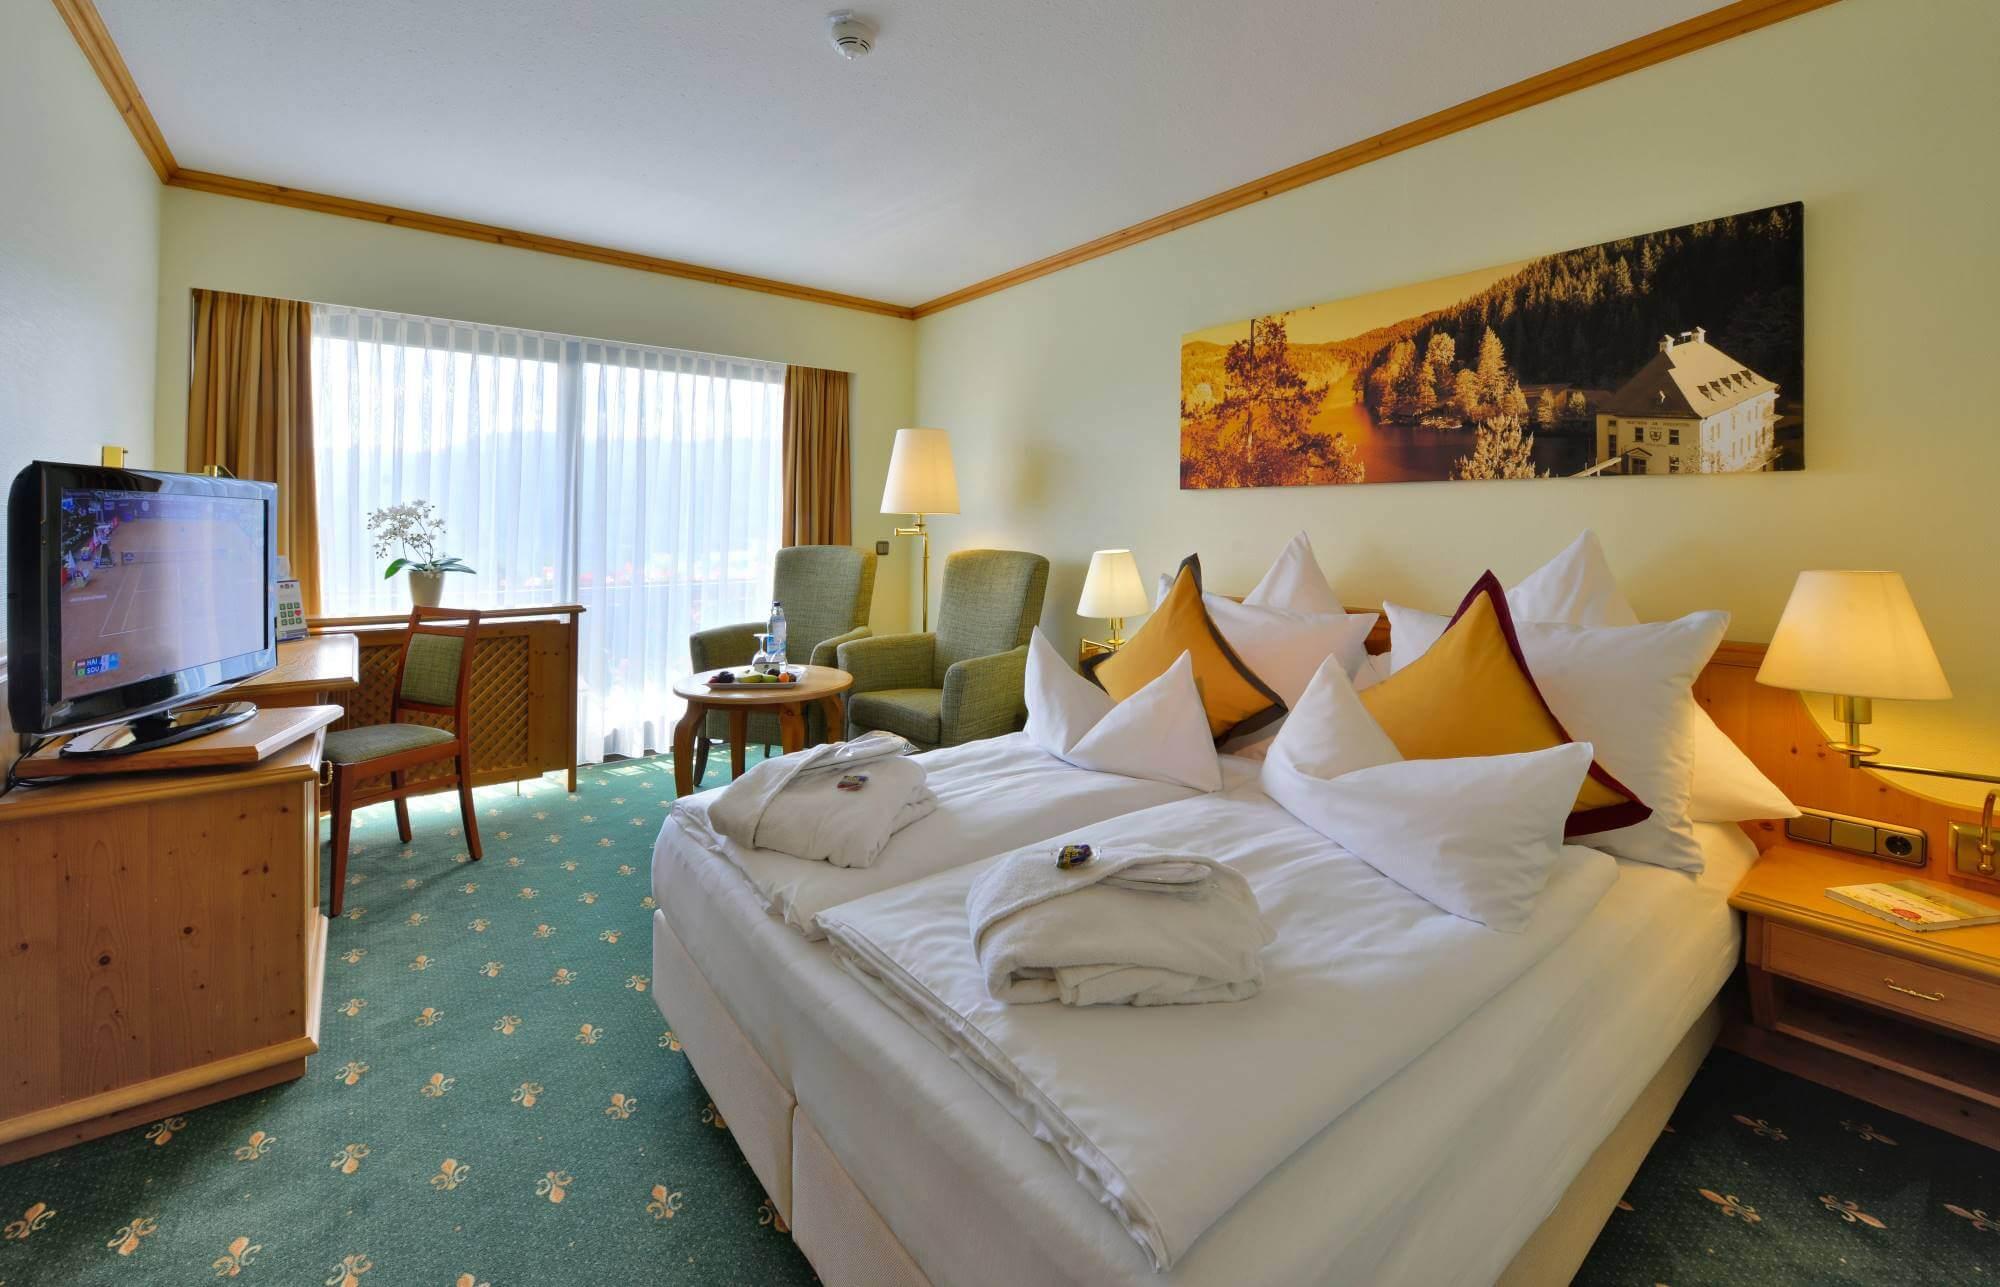 Best Western Premier Hotel Sonnenhof Lam